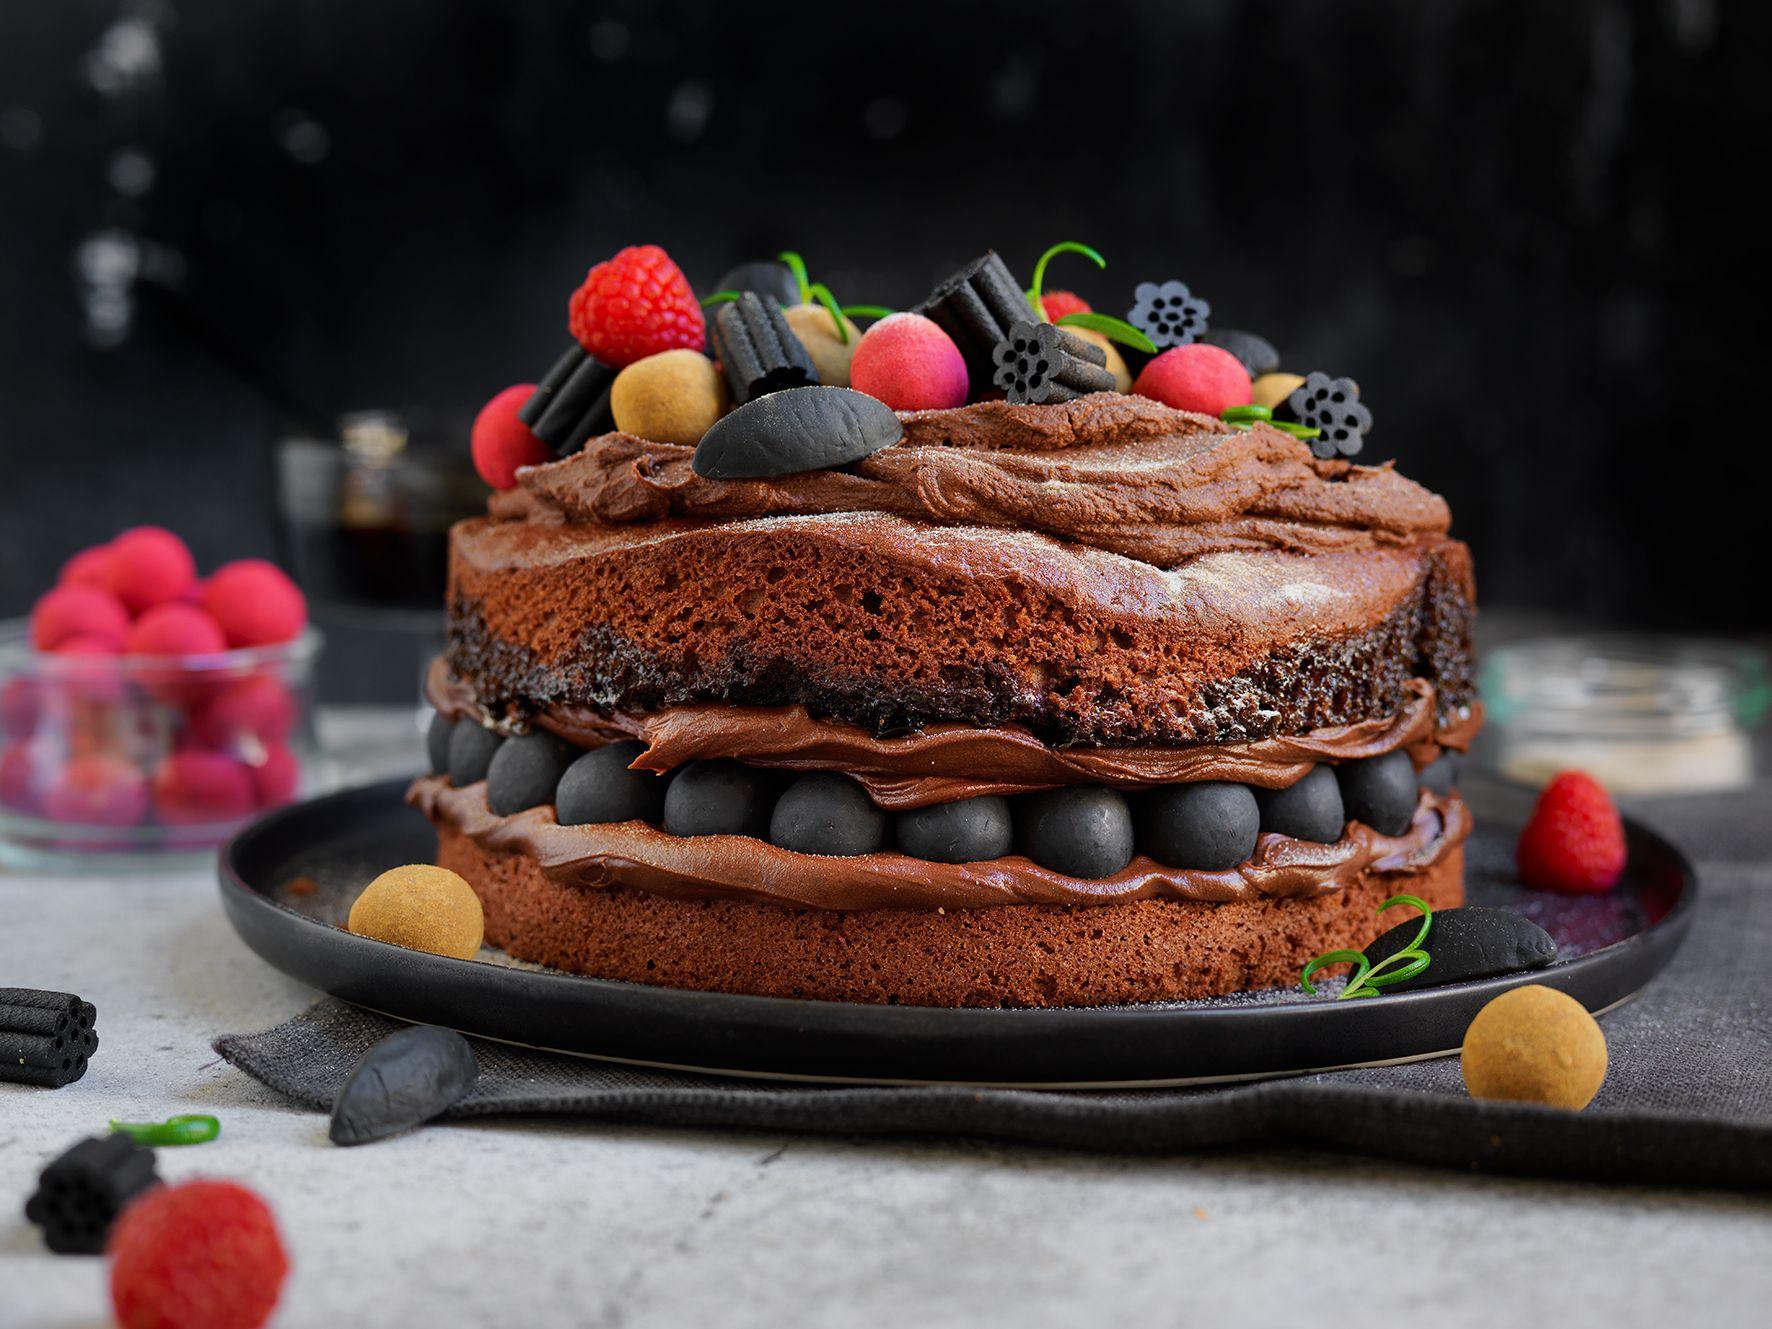 lakris_sjokoladekake_6425.jpg